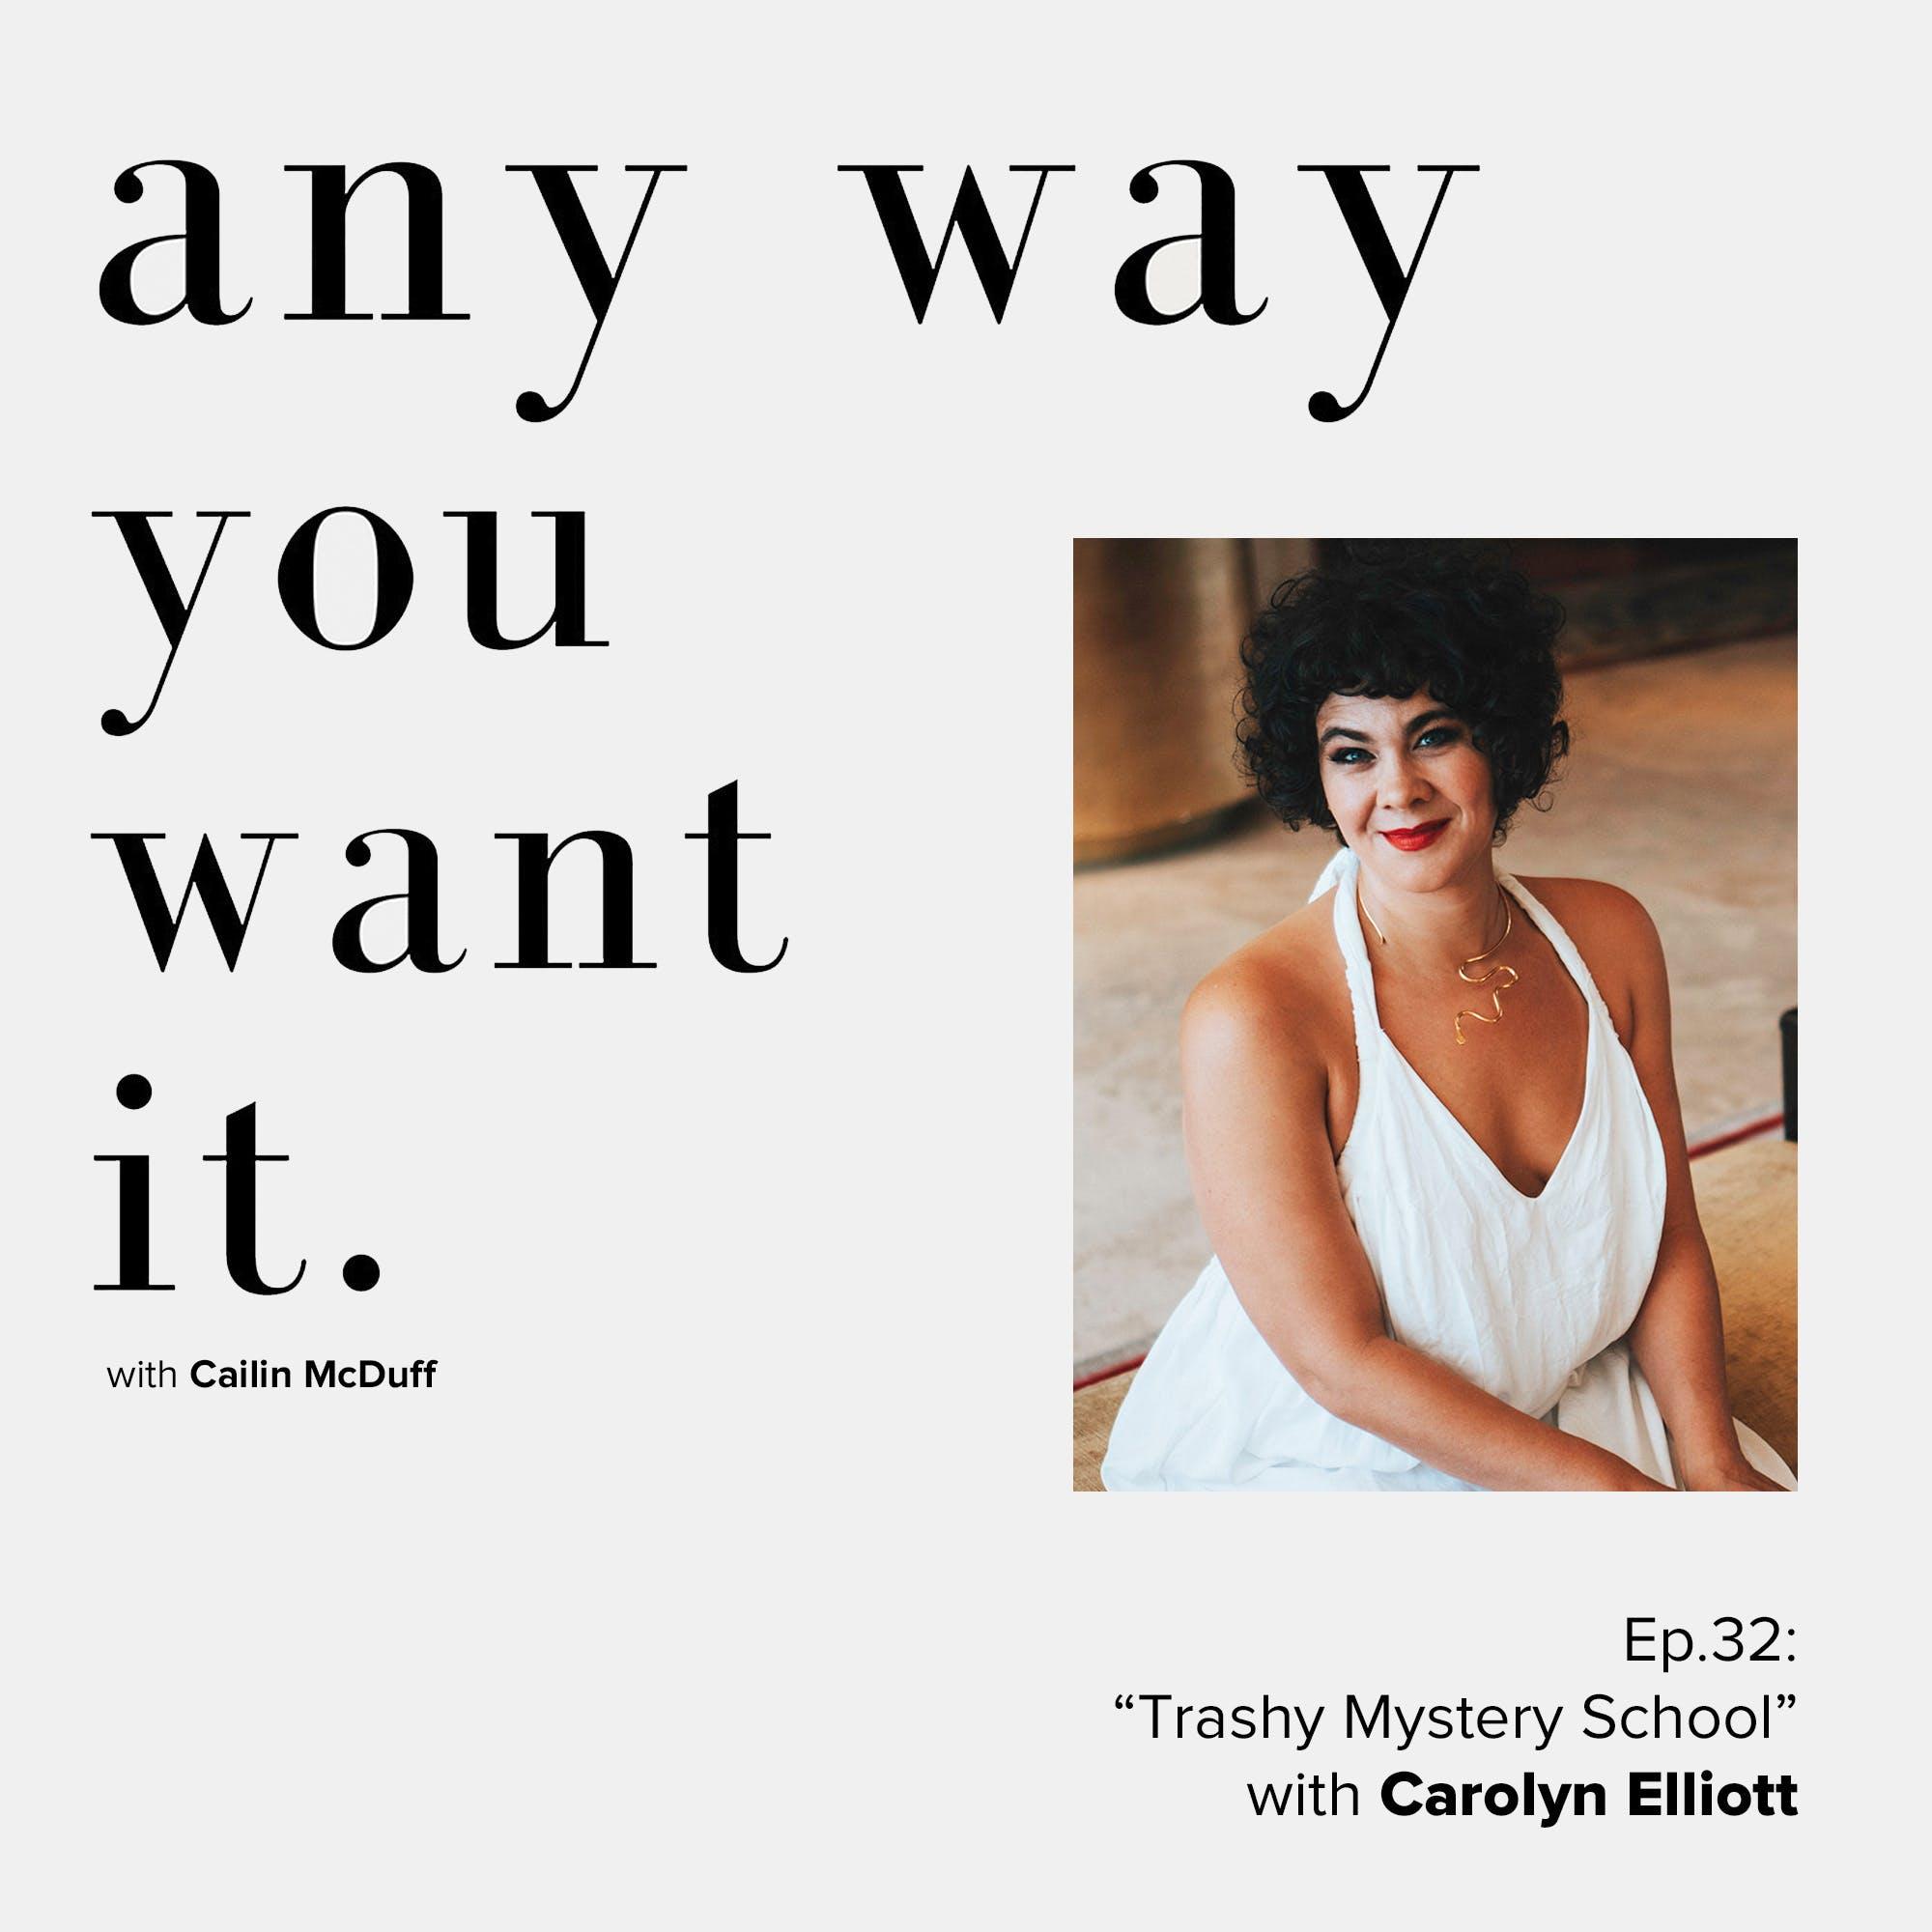 EP 32: Trashy Mystery School with Carolyn Elliott